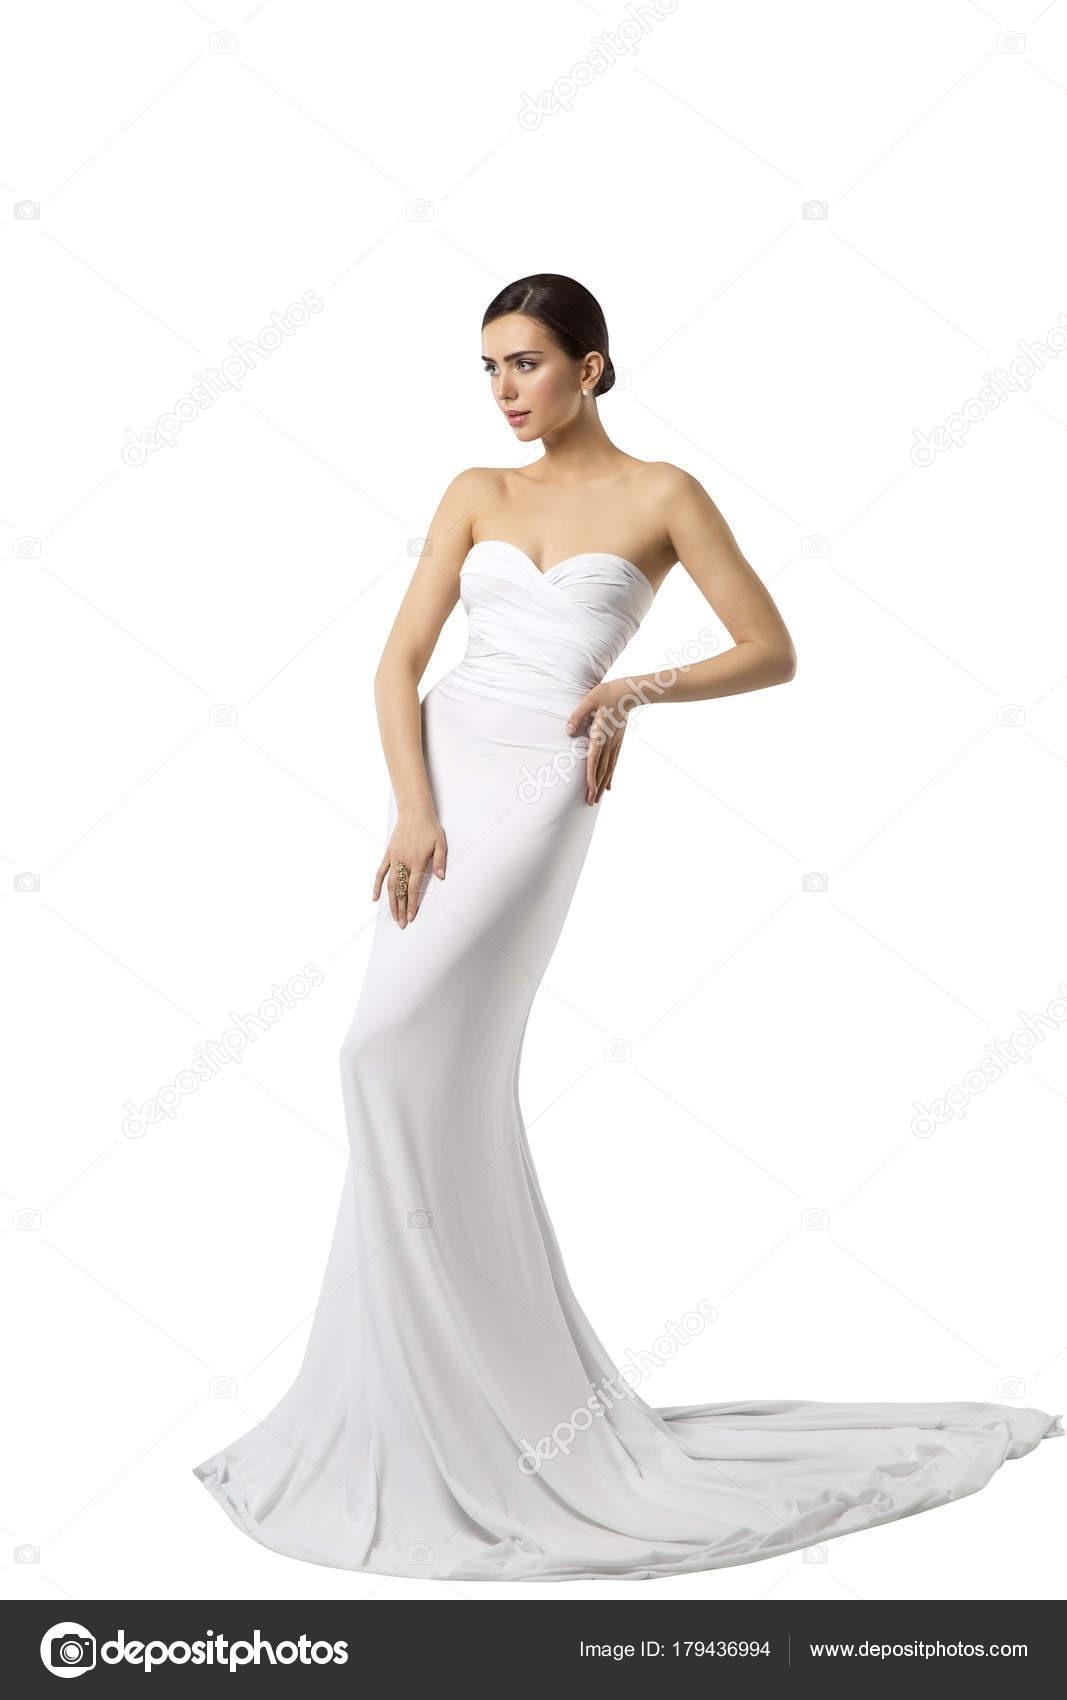 10 Erstaunlich Sommerkleid Lang Weiß Stylish10 Top Sommerkleid Lang Weiß Bester Preis